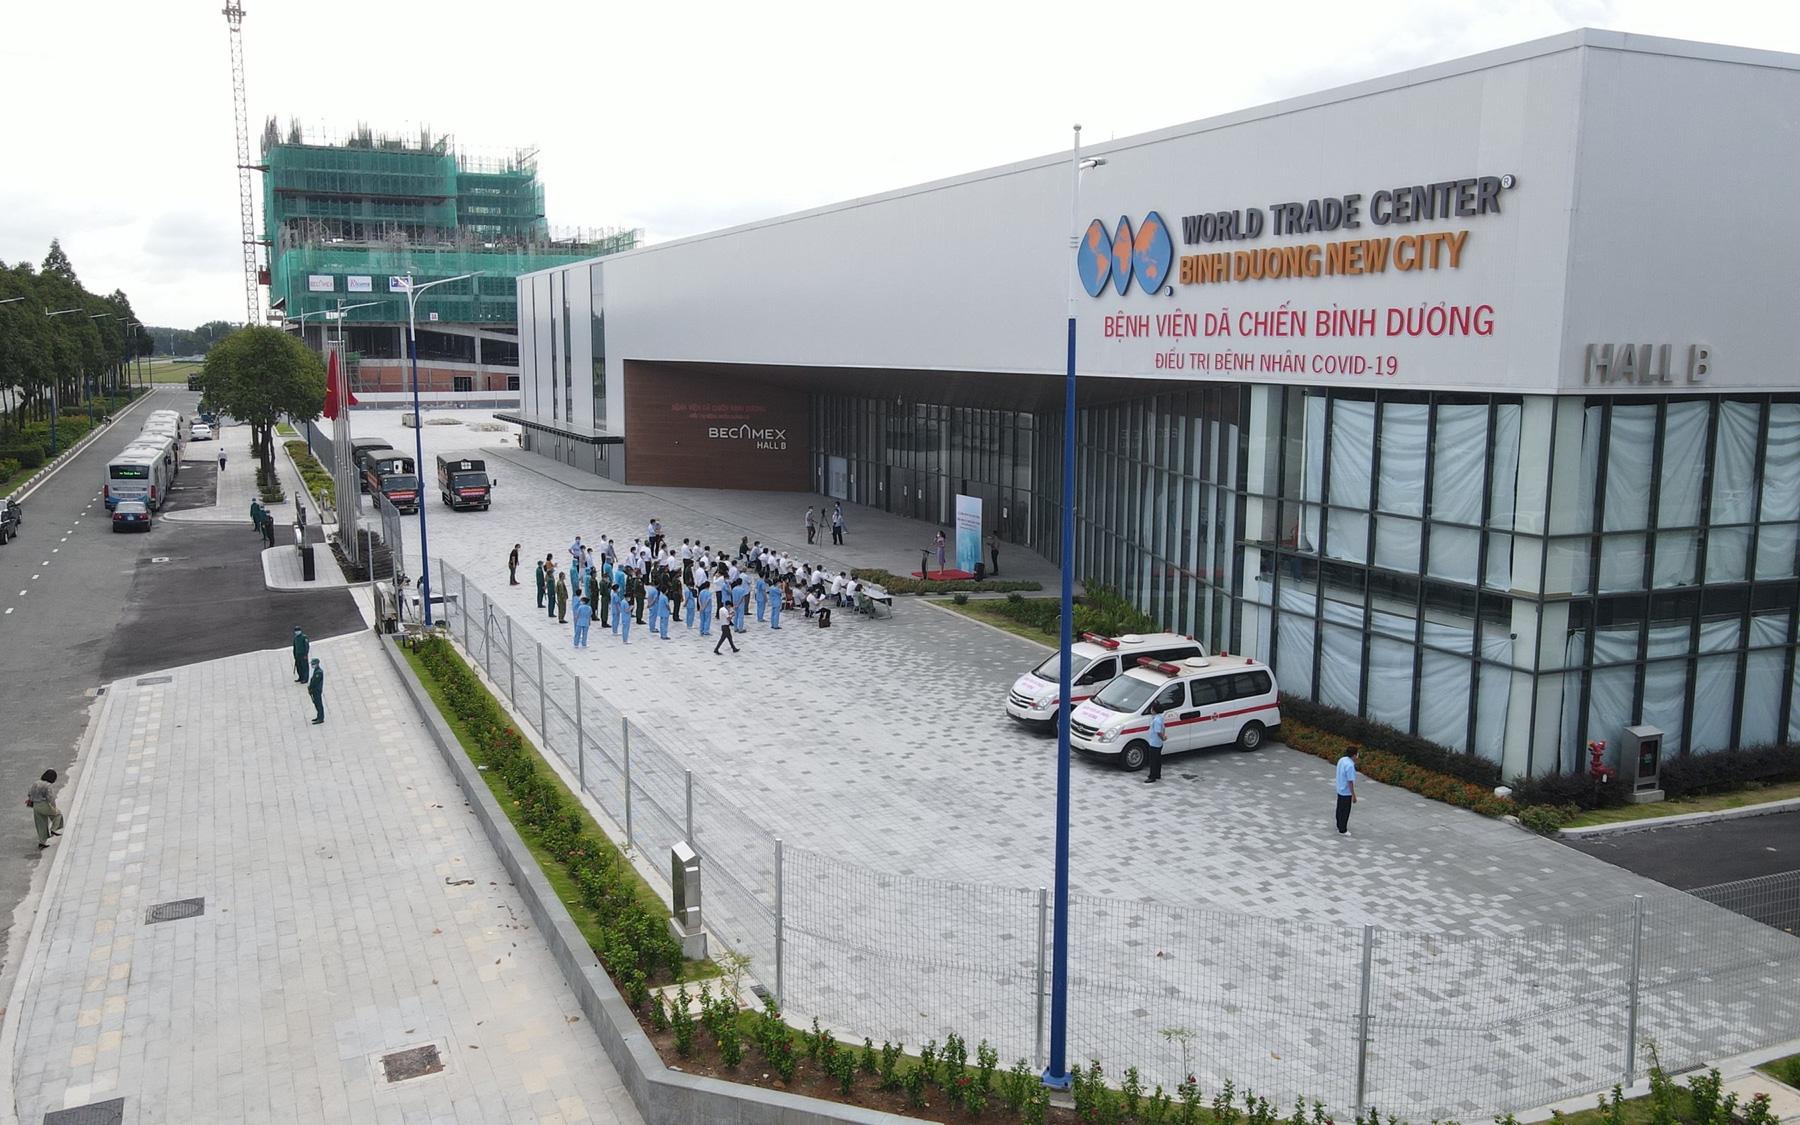 Bình Dương: Bệnh viện dã chiến điều trị Covid-19 sẽ như thế nào sau ngày 30/9?